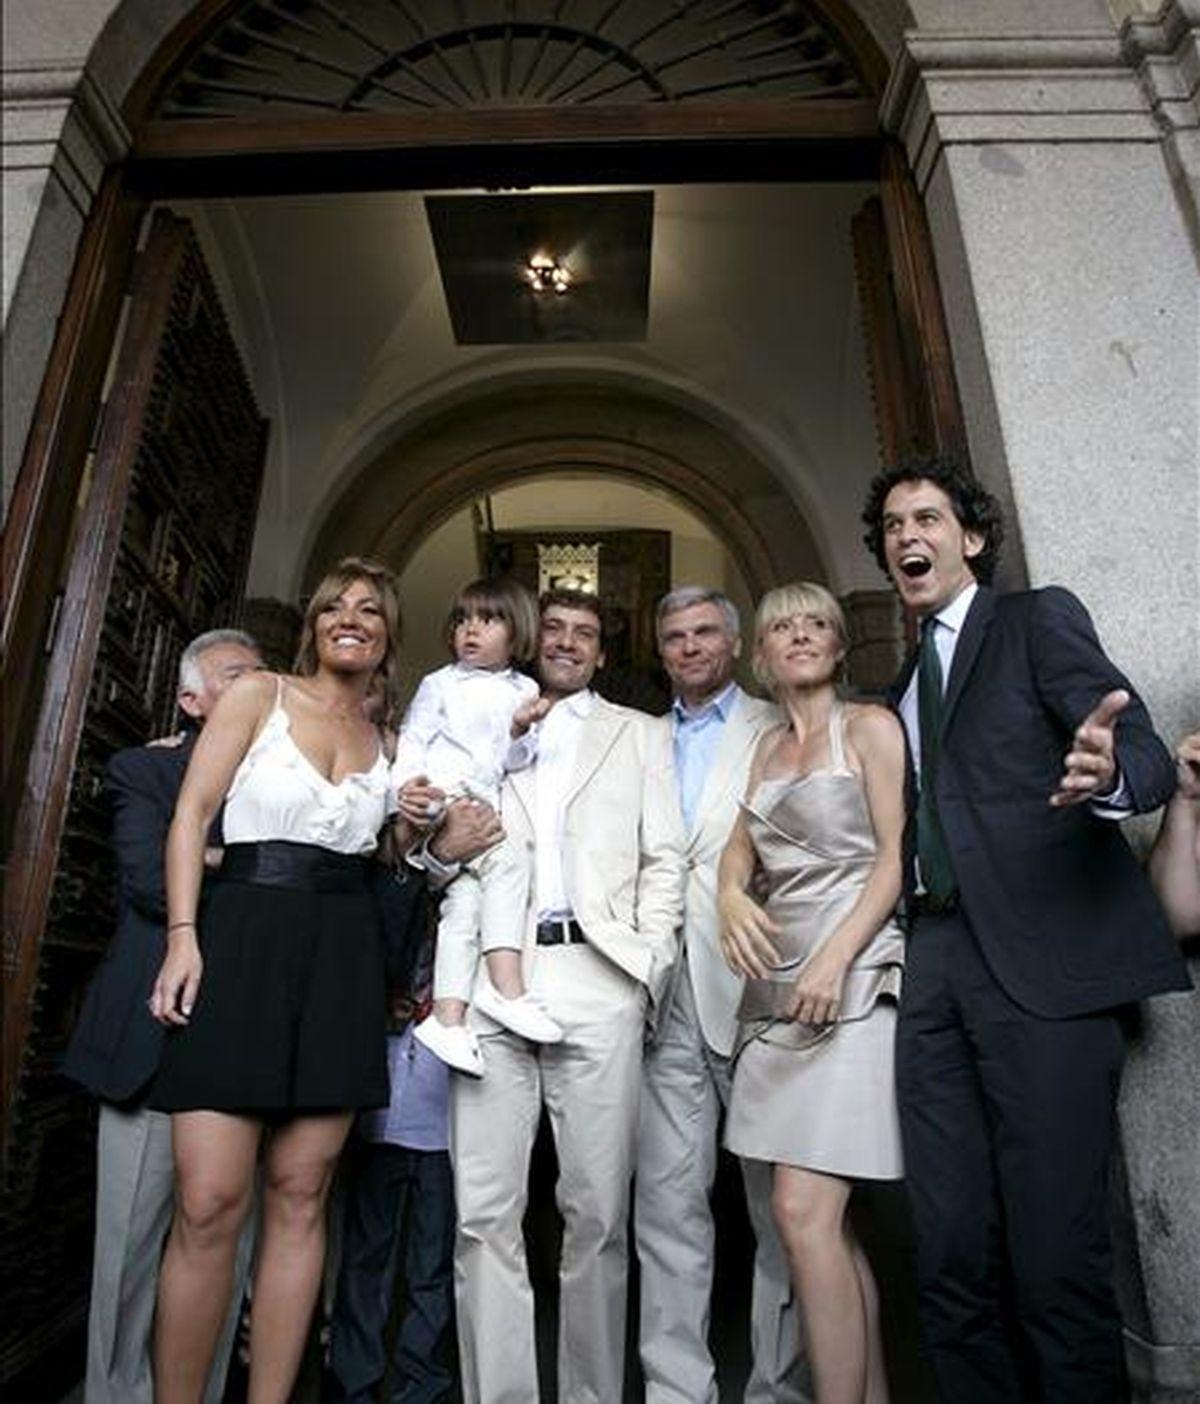 La actriz Cayetana Guillén Cuervo (2d), su esposo, el fotógrafo Omar Ayashi (3i), y su hijo Leo, acompañados del concejal socialista Pedro Zerolo (d), la cantante Amaya Motero (i) y Carles Sans, del Tricicle, entre otros, a la salida de la Casa de la Panaderia donde hoy se celebró el acogimiento civil del hijo de la actriz y el fotógrafo. EFE